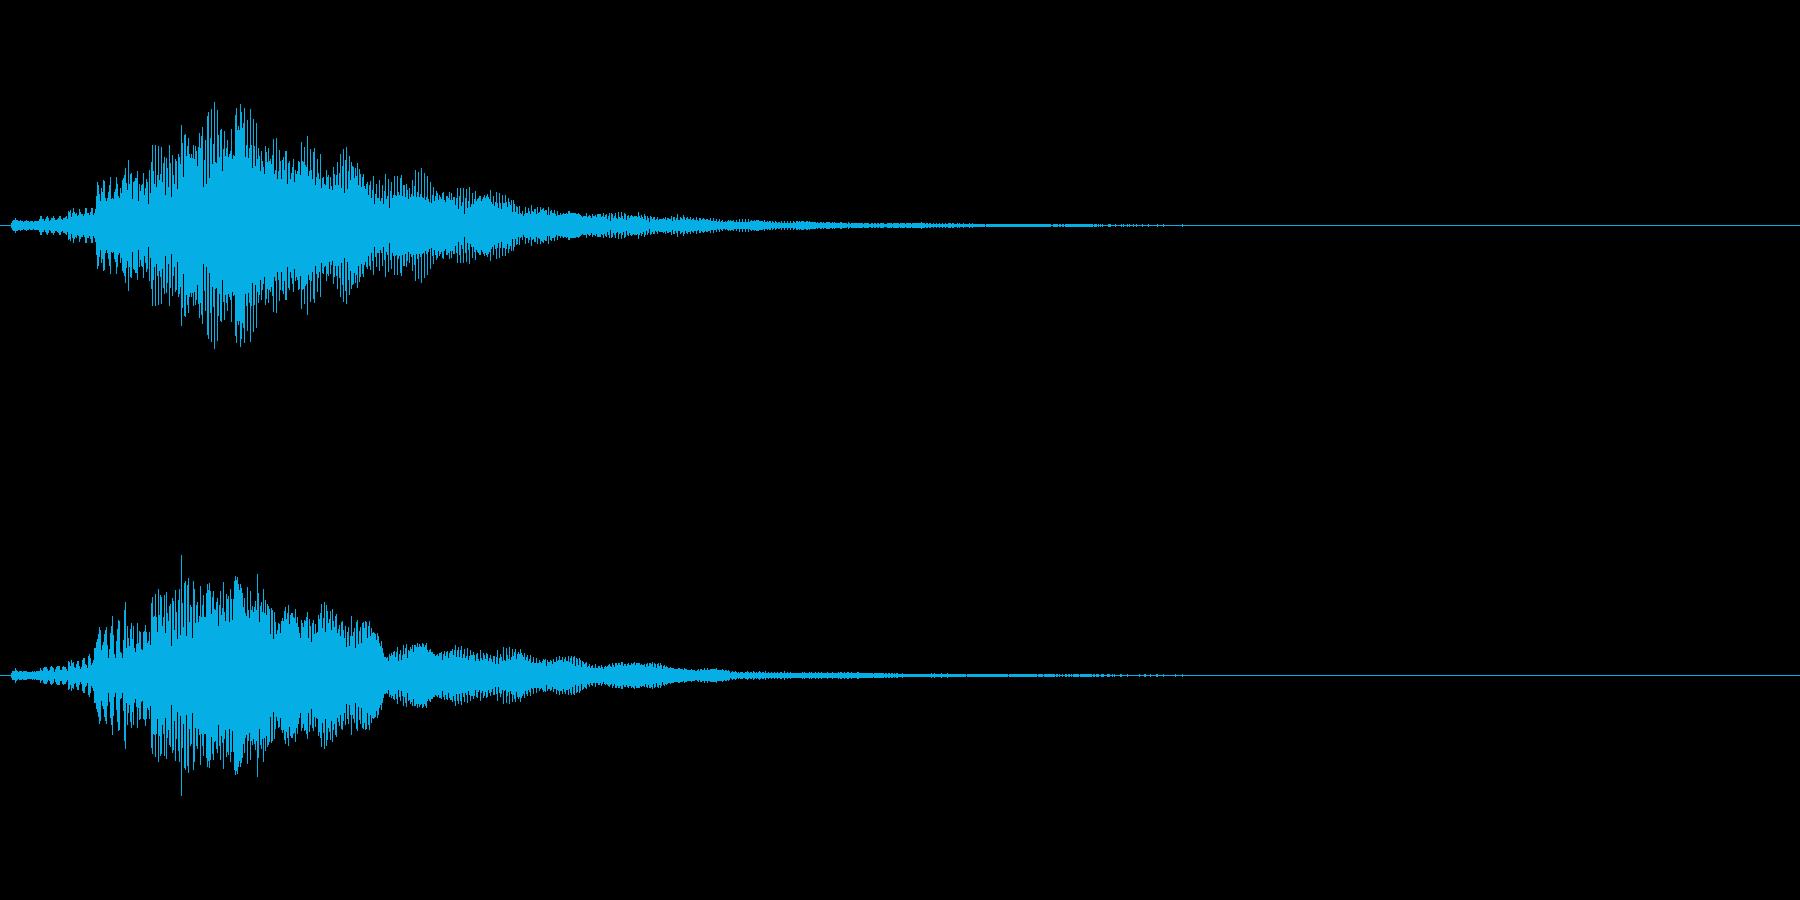 【ショートブリッジ07-1】の再生済みの波形